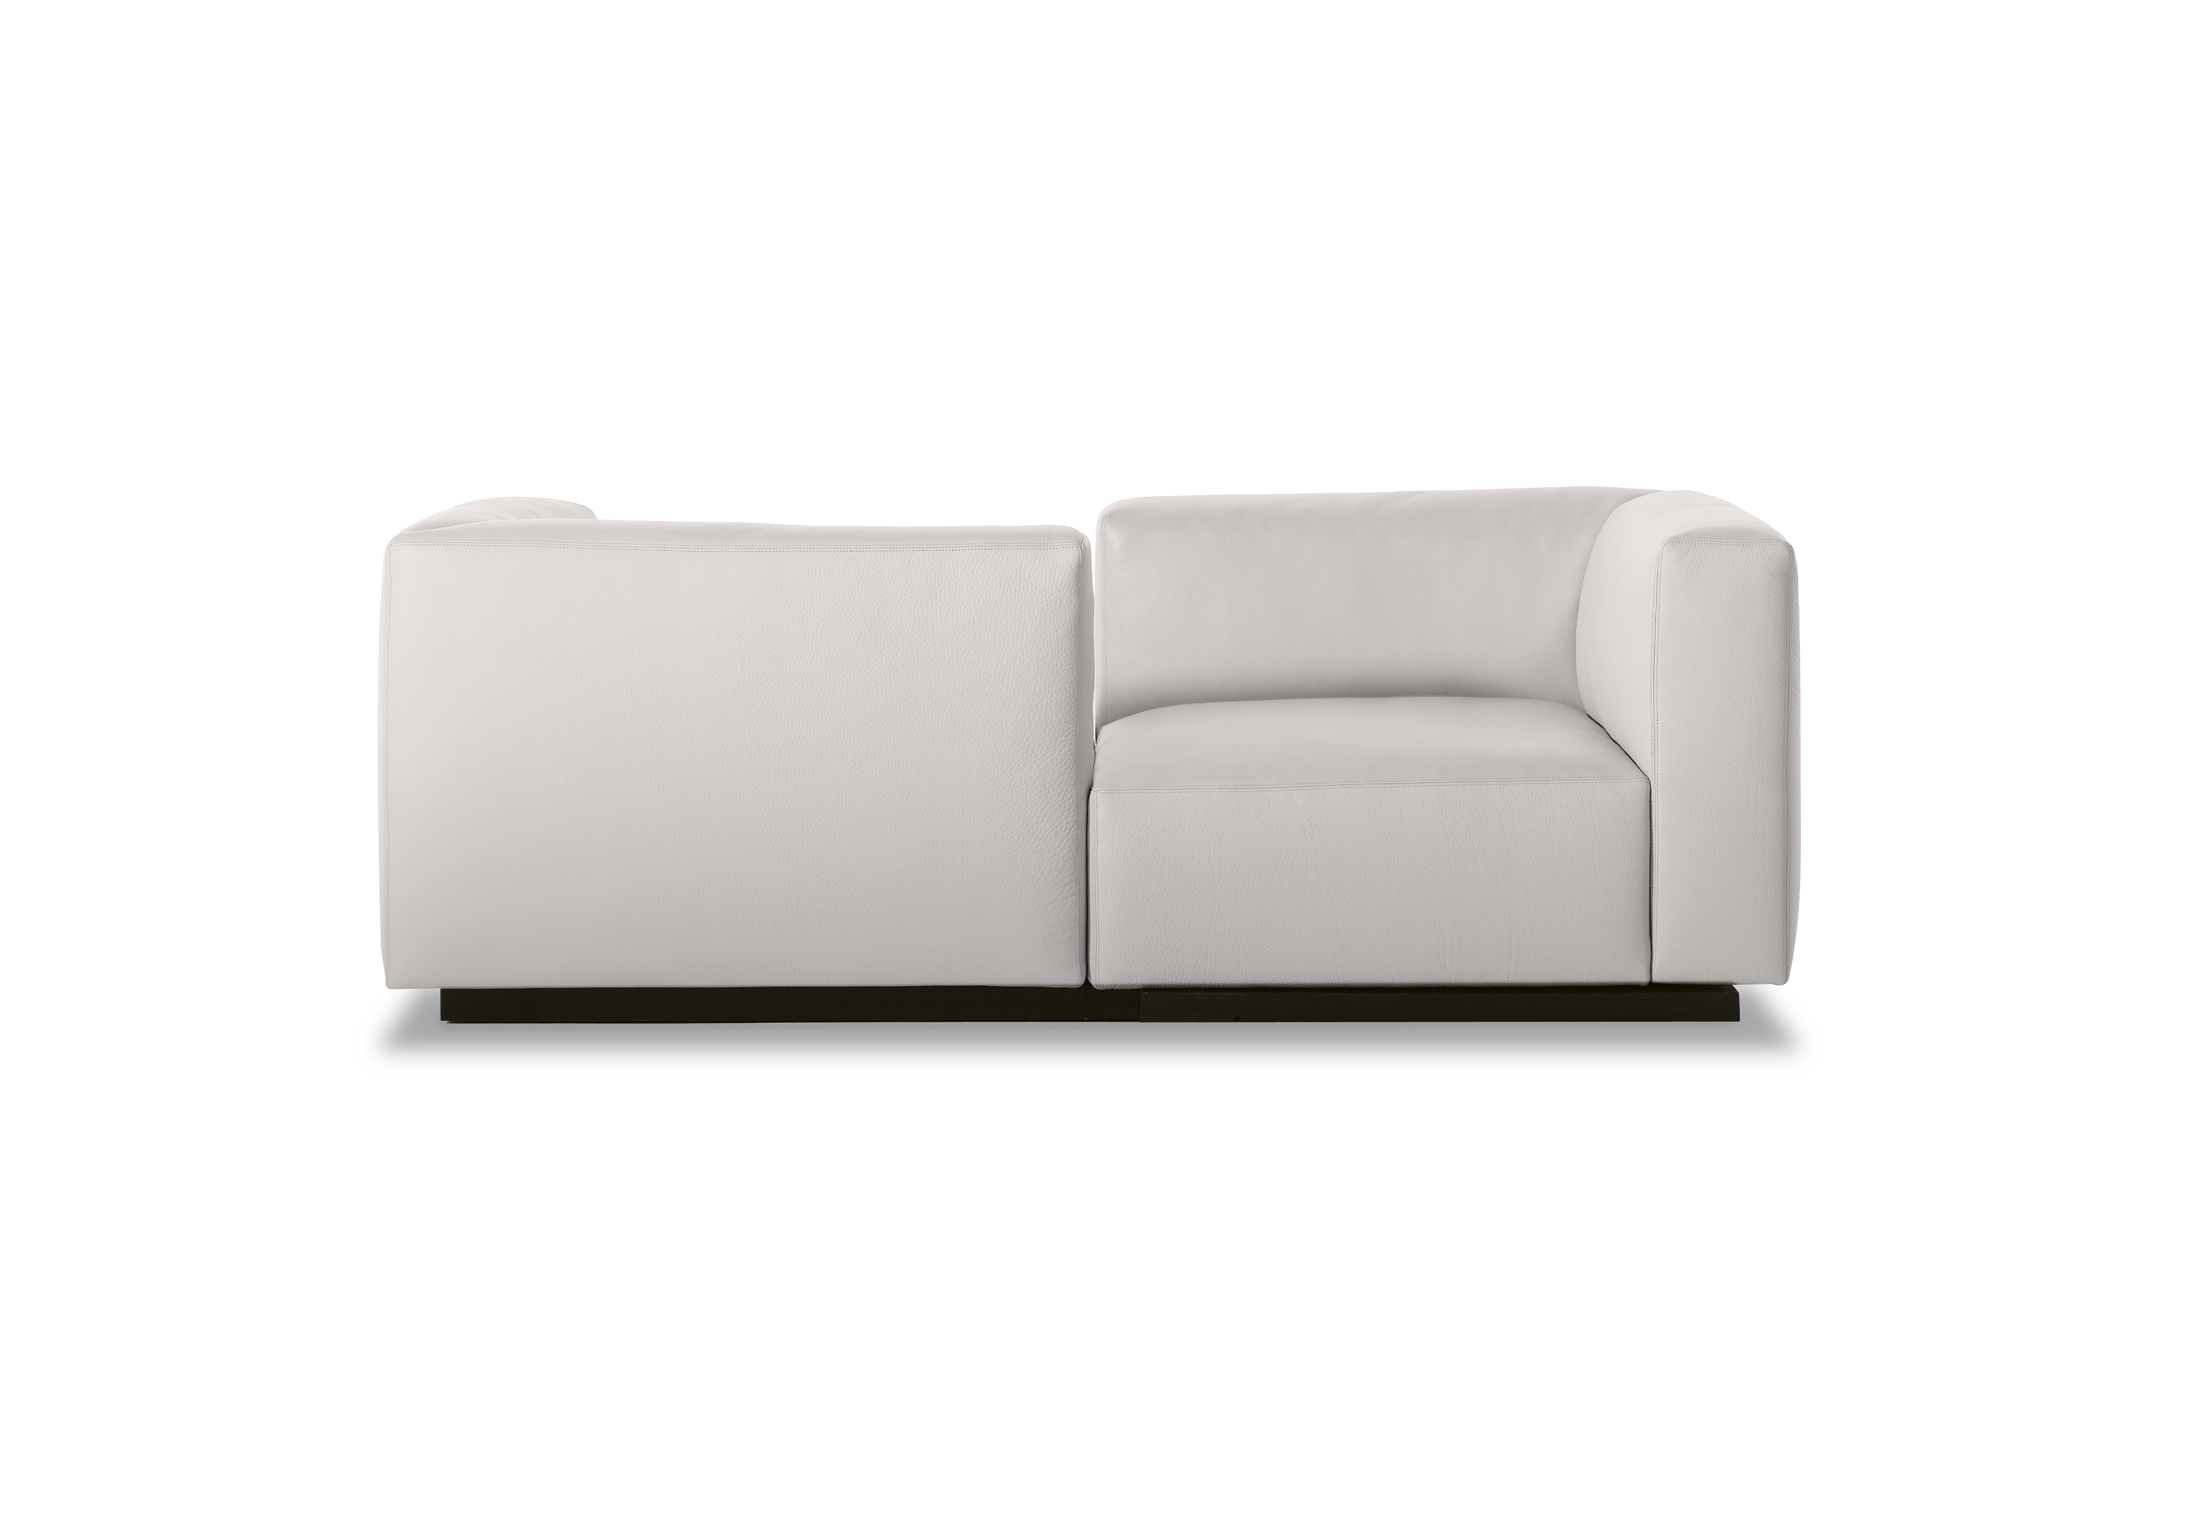 sofa walter knoll living landscape 740 beatiful landscape. Black Bedroom Furniture Sets. Home Design Ideas